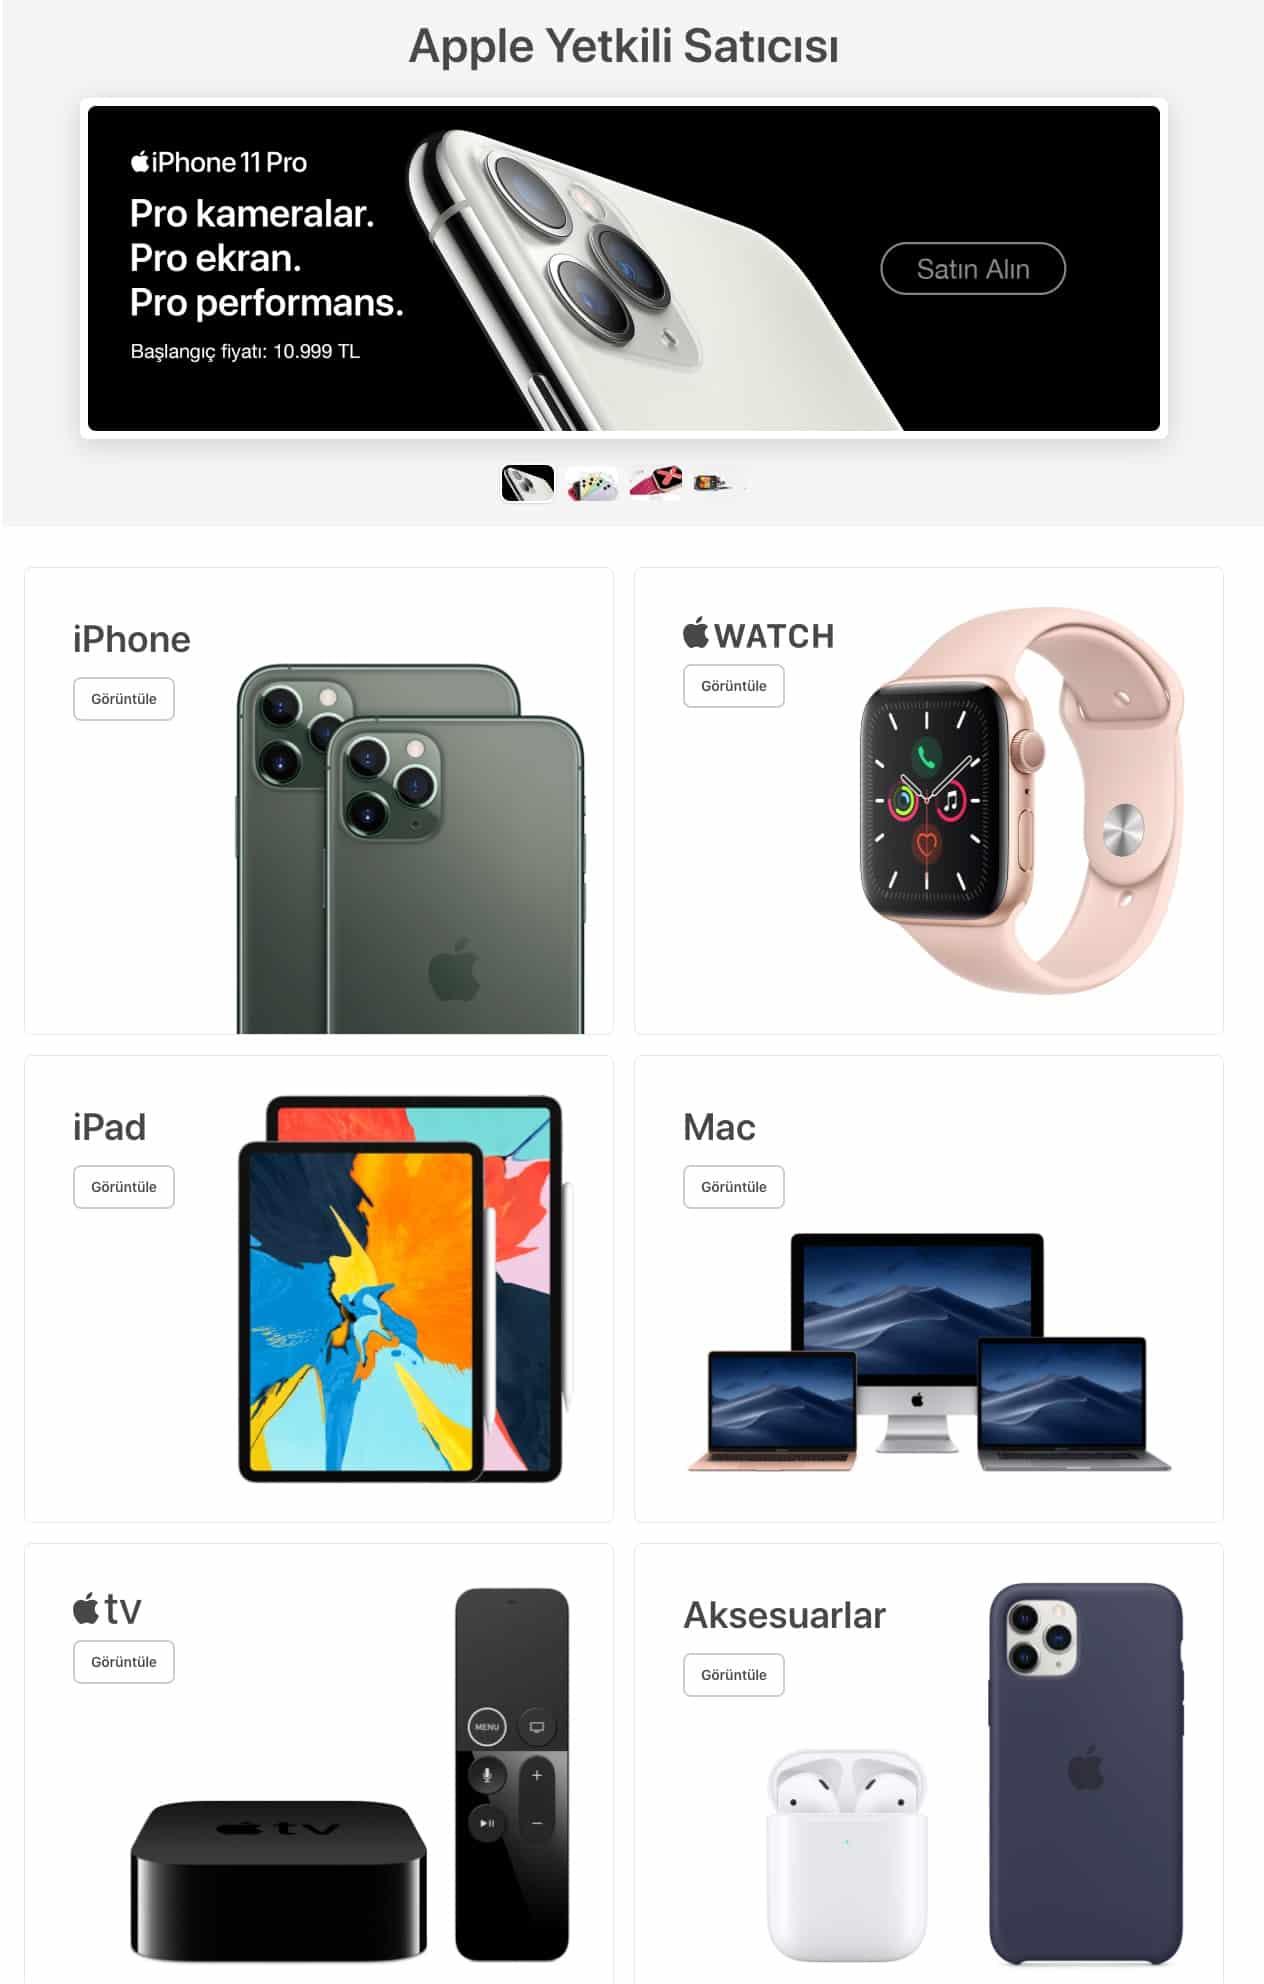 hepsiburada apple watch iphone yetkili satıcı